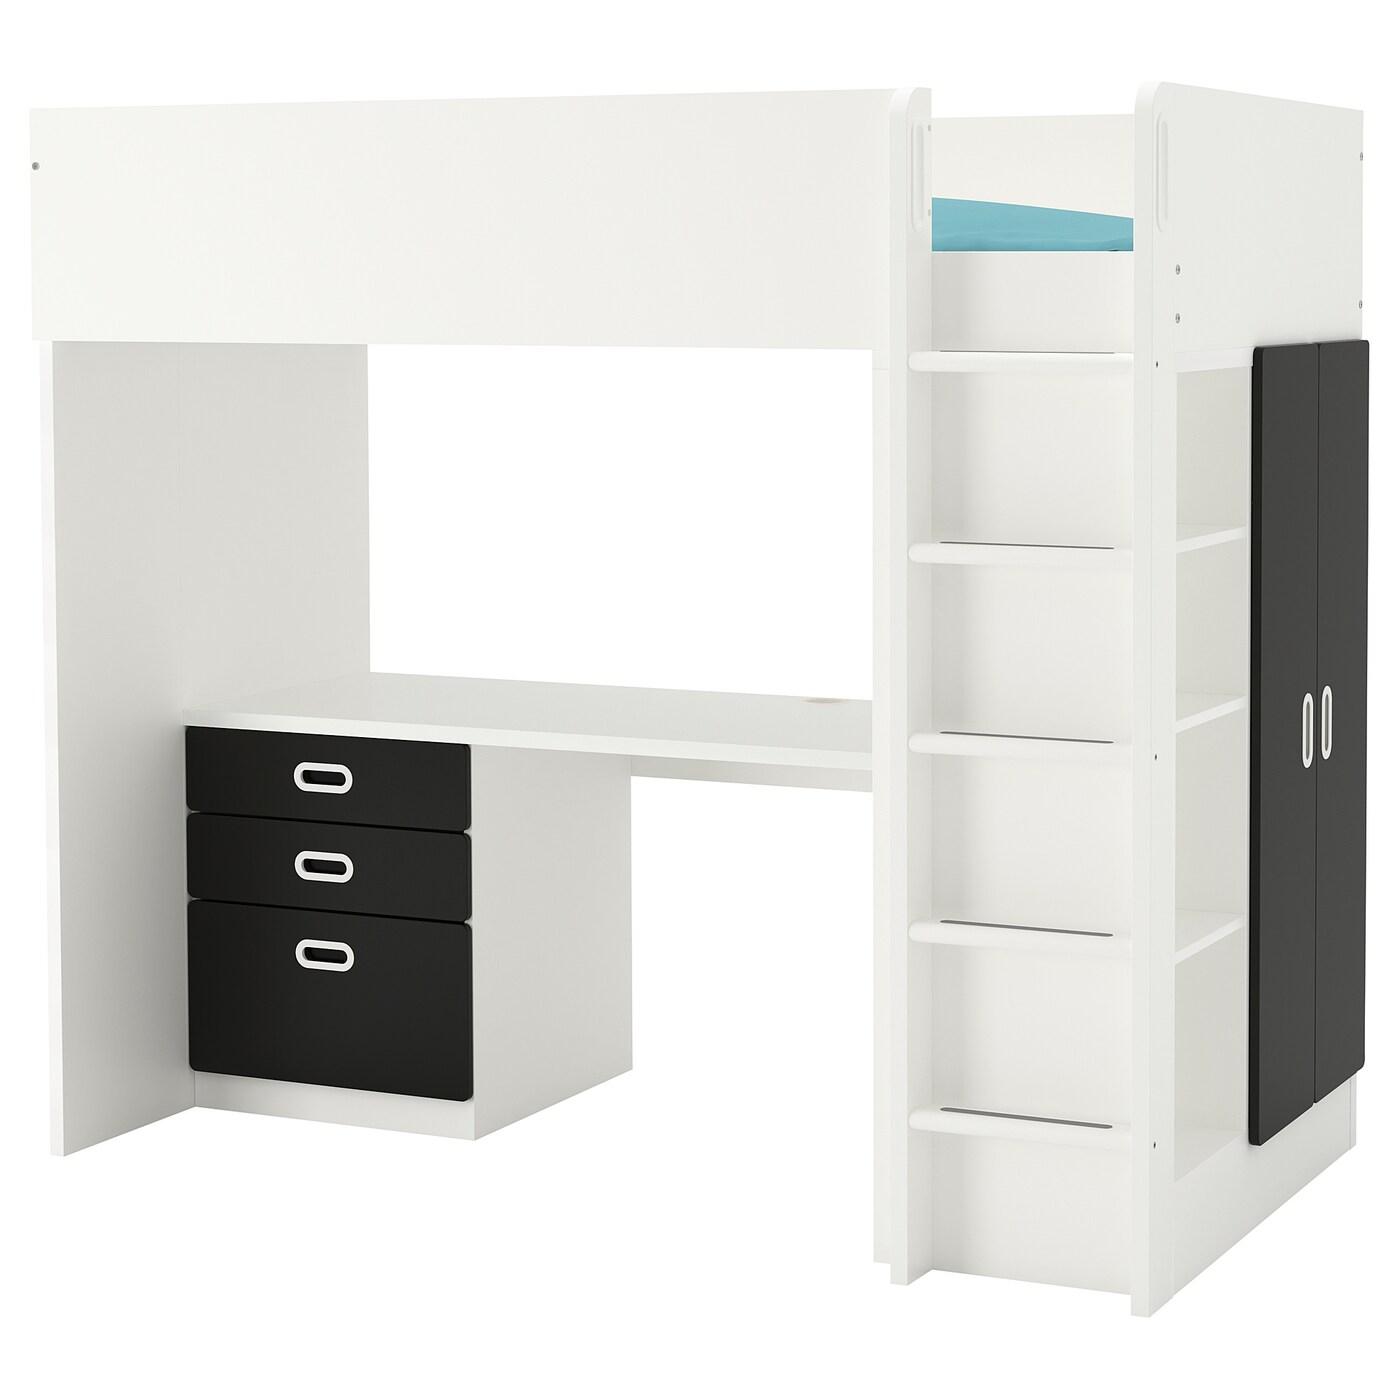 IKEA STUVA biało-czarna kombinacja ramy łóżka na antresoli z biurkiem, komodą z trzema szufladami i szafką z parą drzwi FRITIDS, 207x99x182 cm